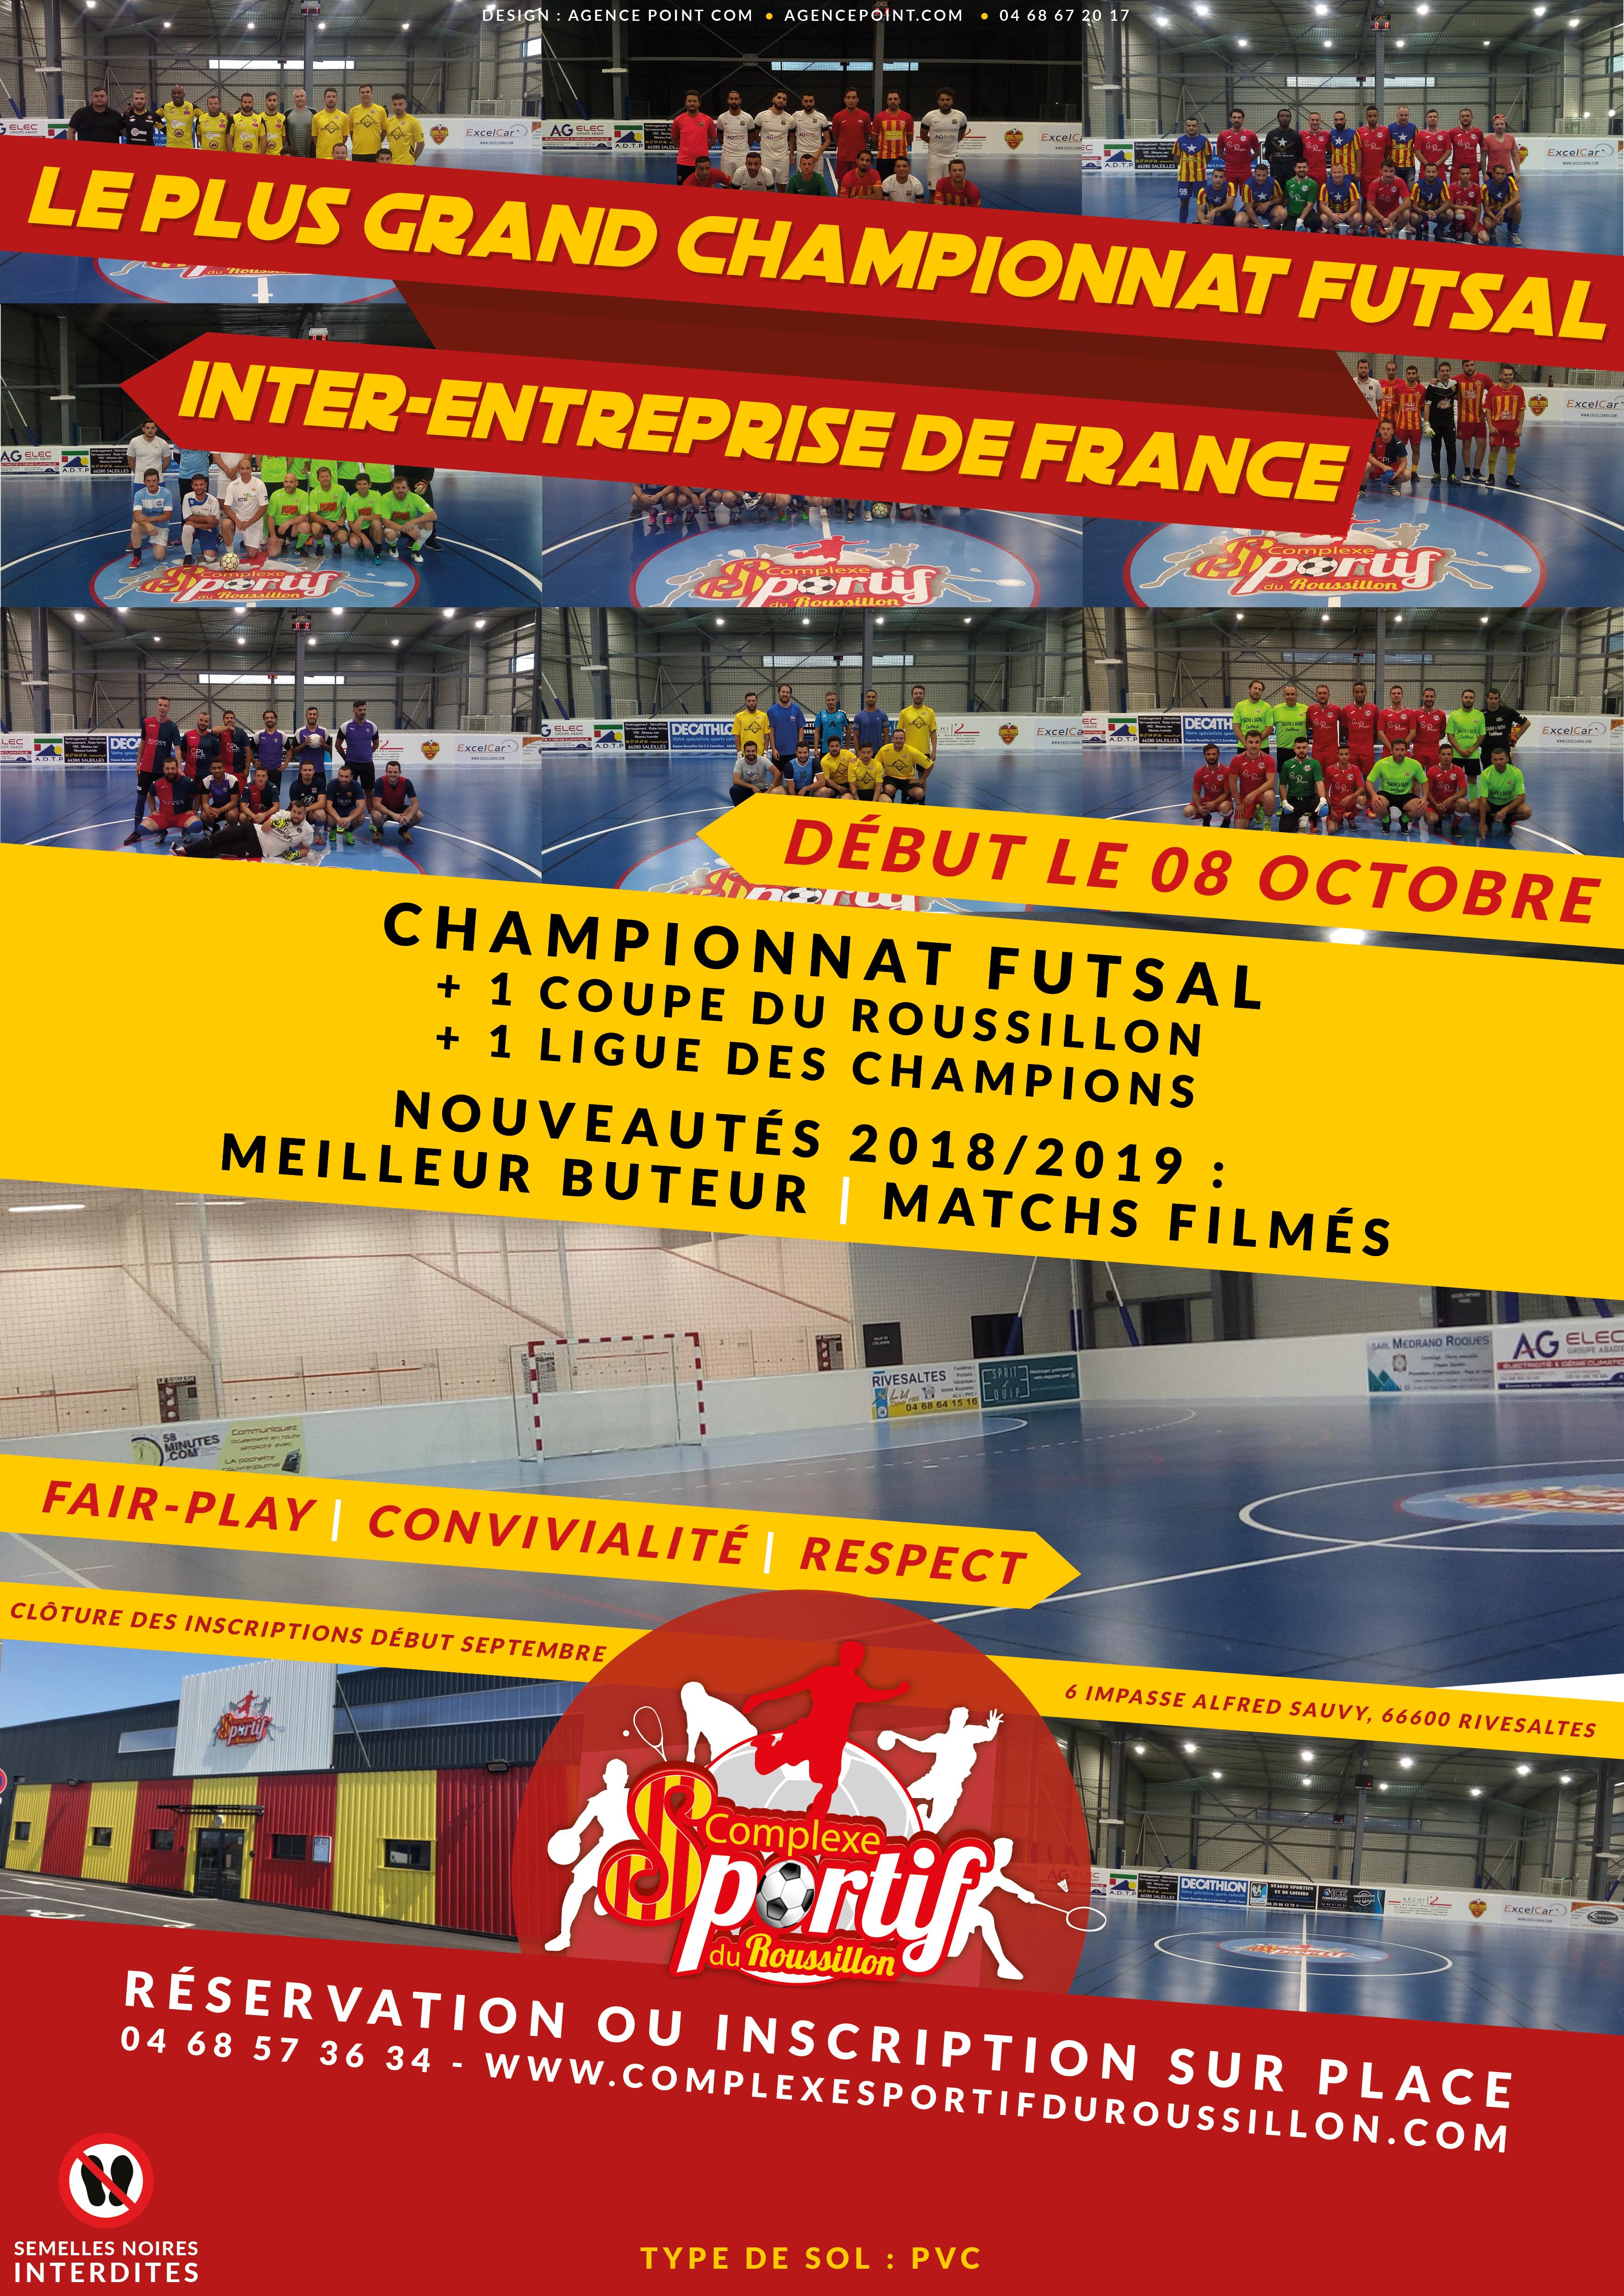 Championnat de futsal inter-entreprise en Occitanie